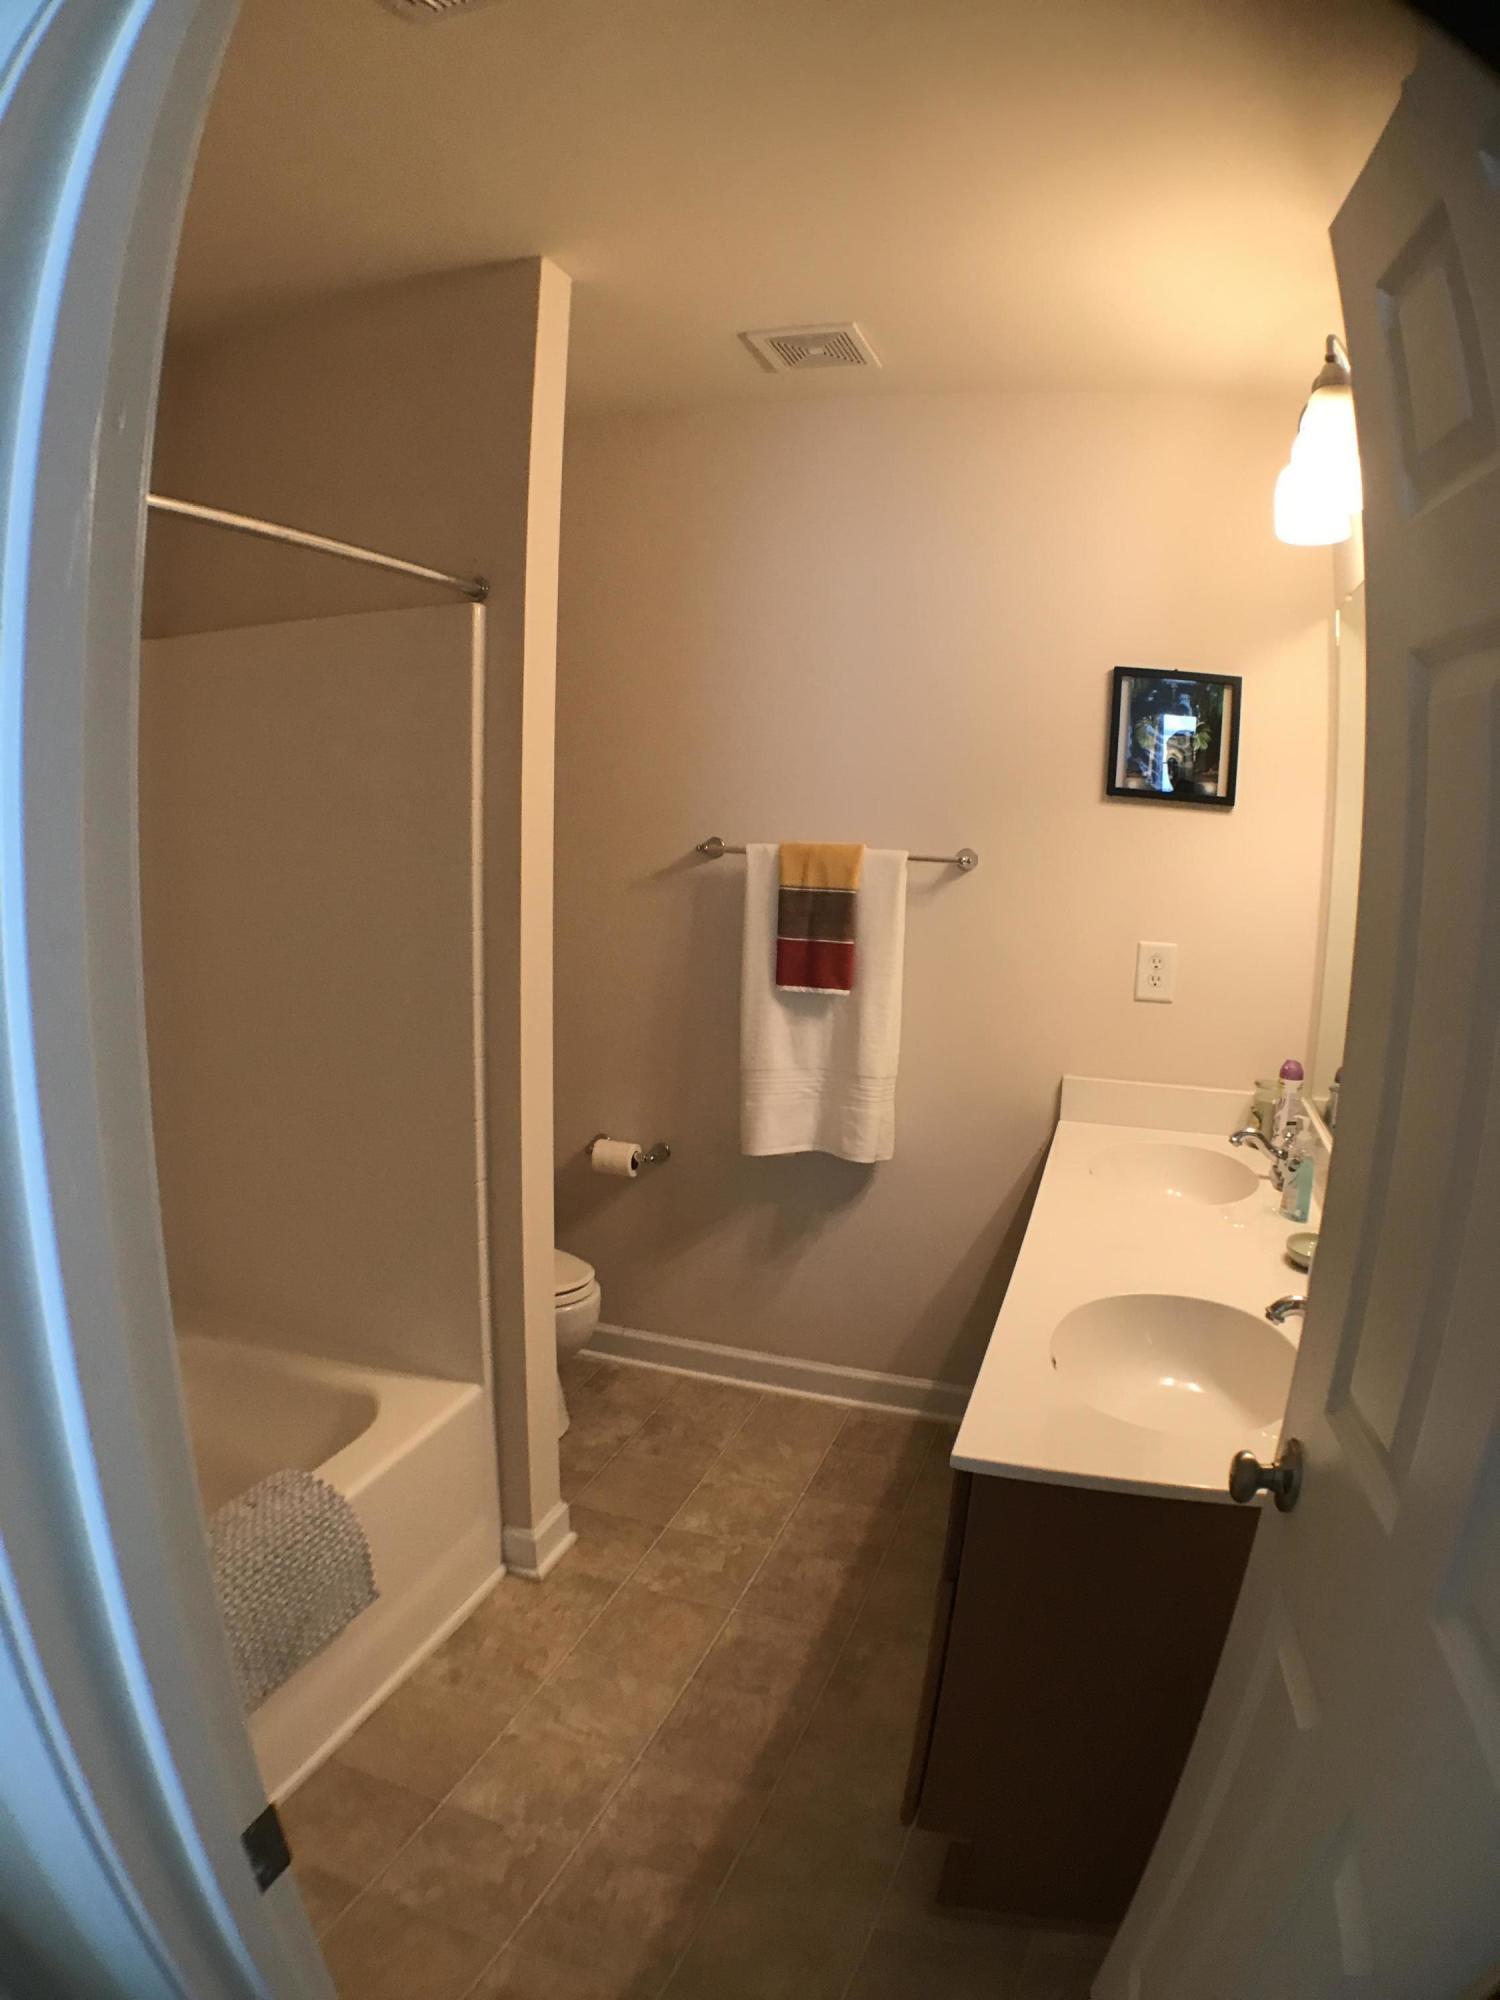 Park West Homes For Sale - 3521 Claremont, Mount Pleasant, SC - 1